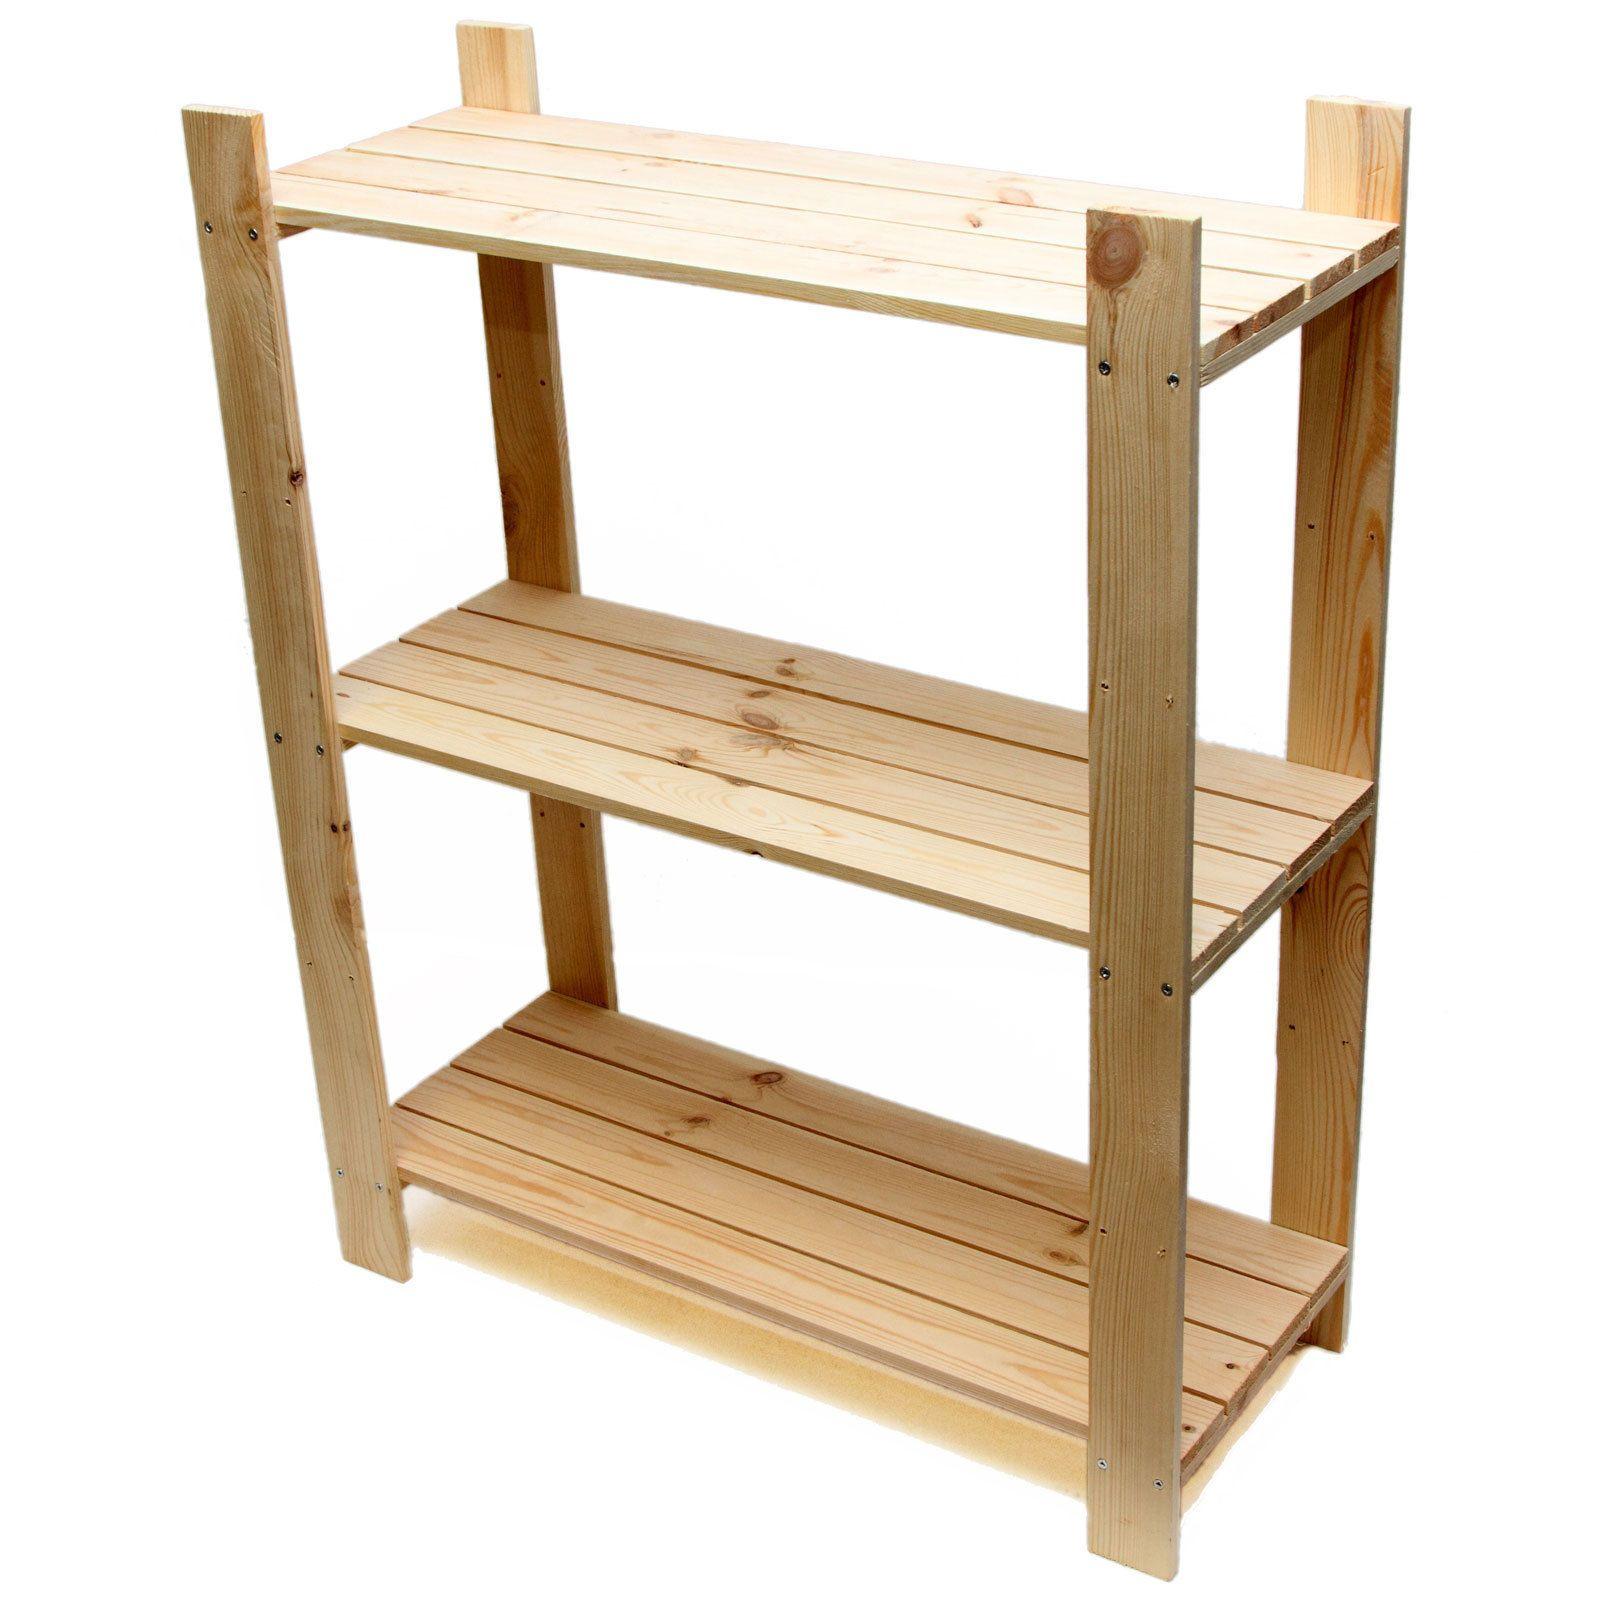 Shelves Shelf Unit Pine Shelves With 3 Wooden Shelves